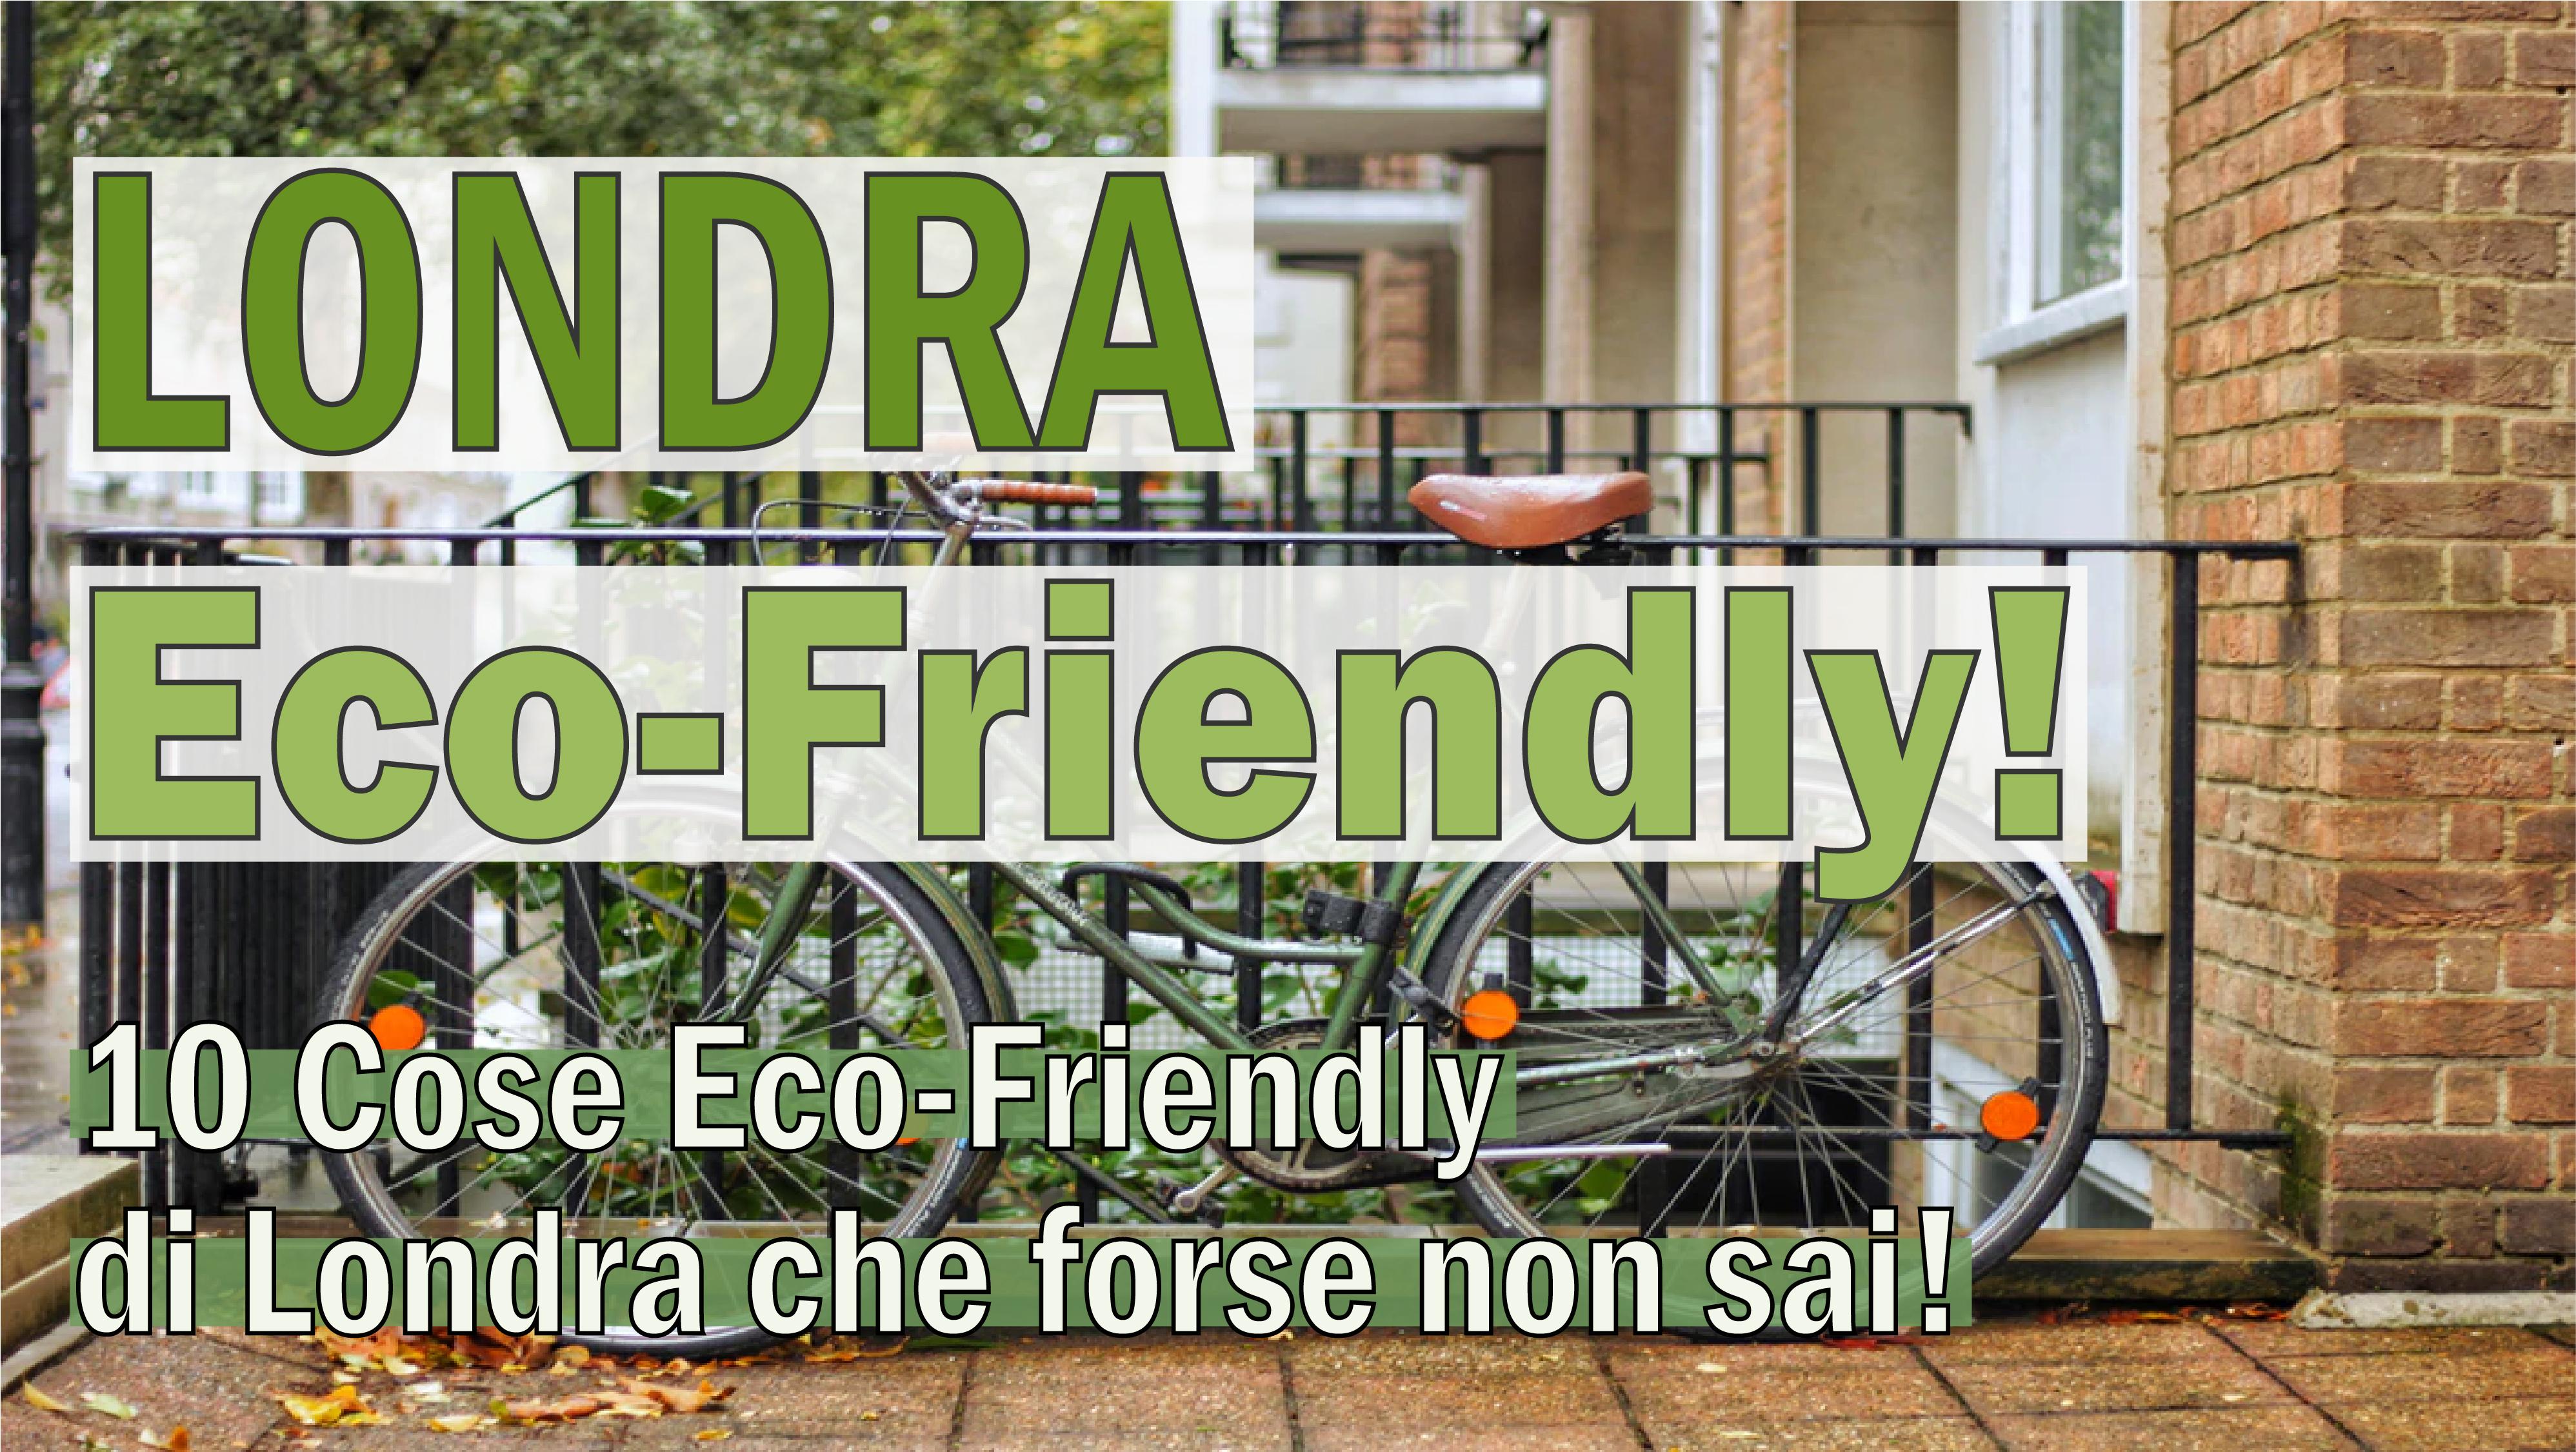 Cose Eco-Friendly di Londra che forse non sai!